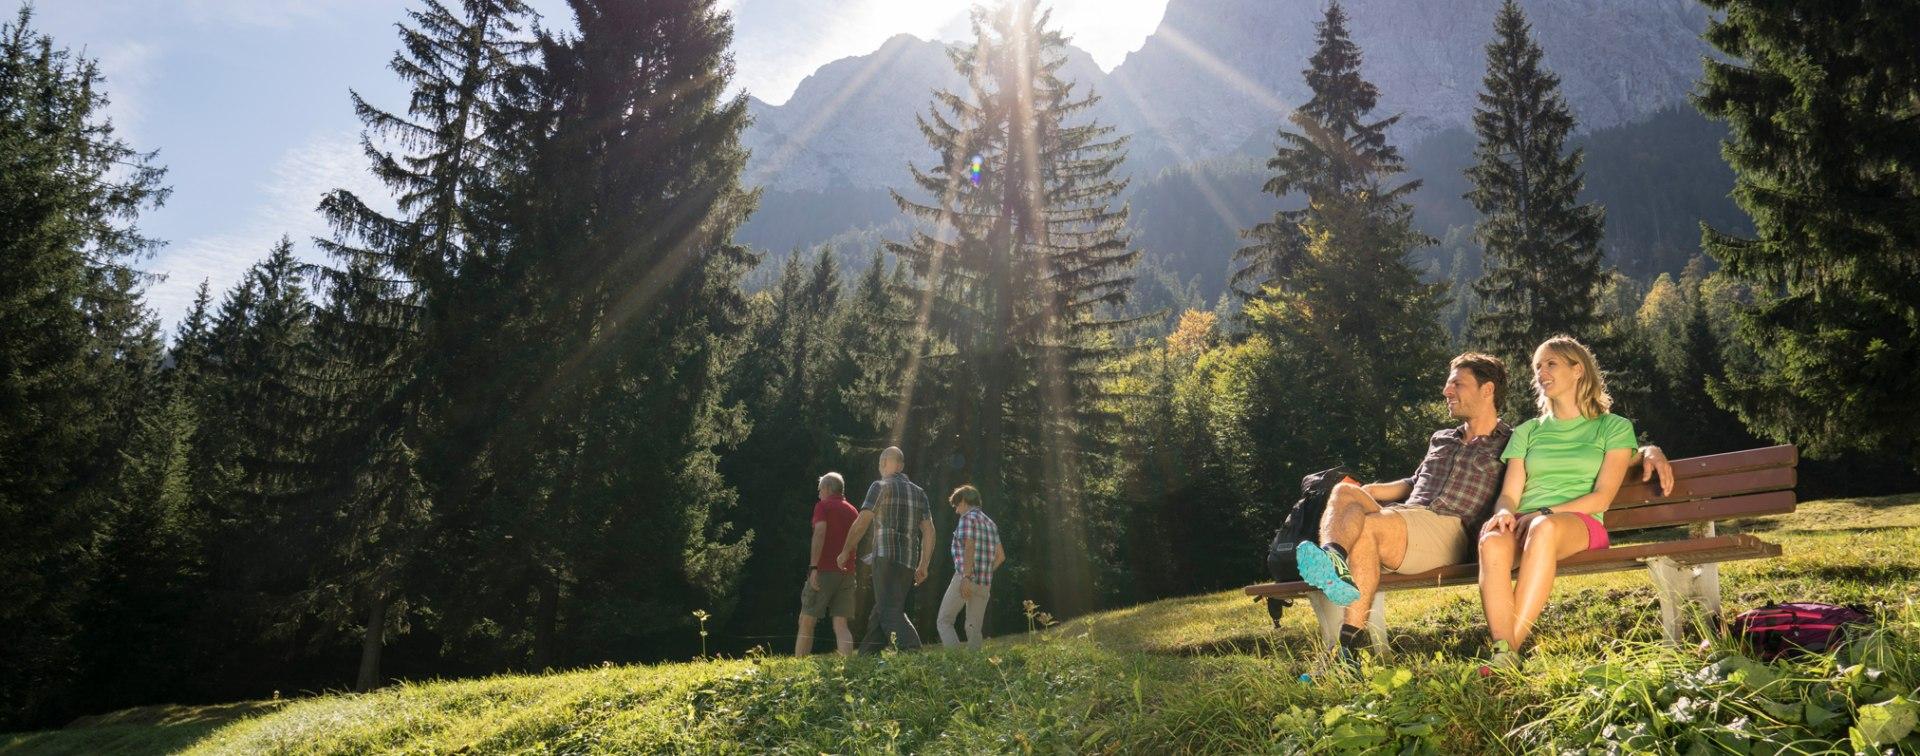 Wandern in Grainau, © Zugspitzarena Bayern Tirol